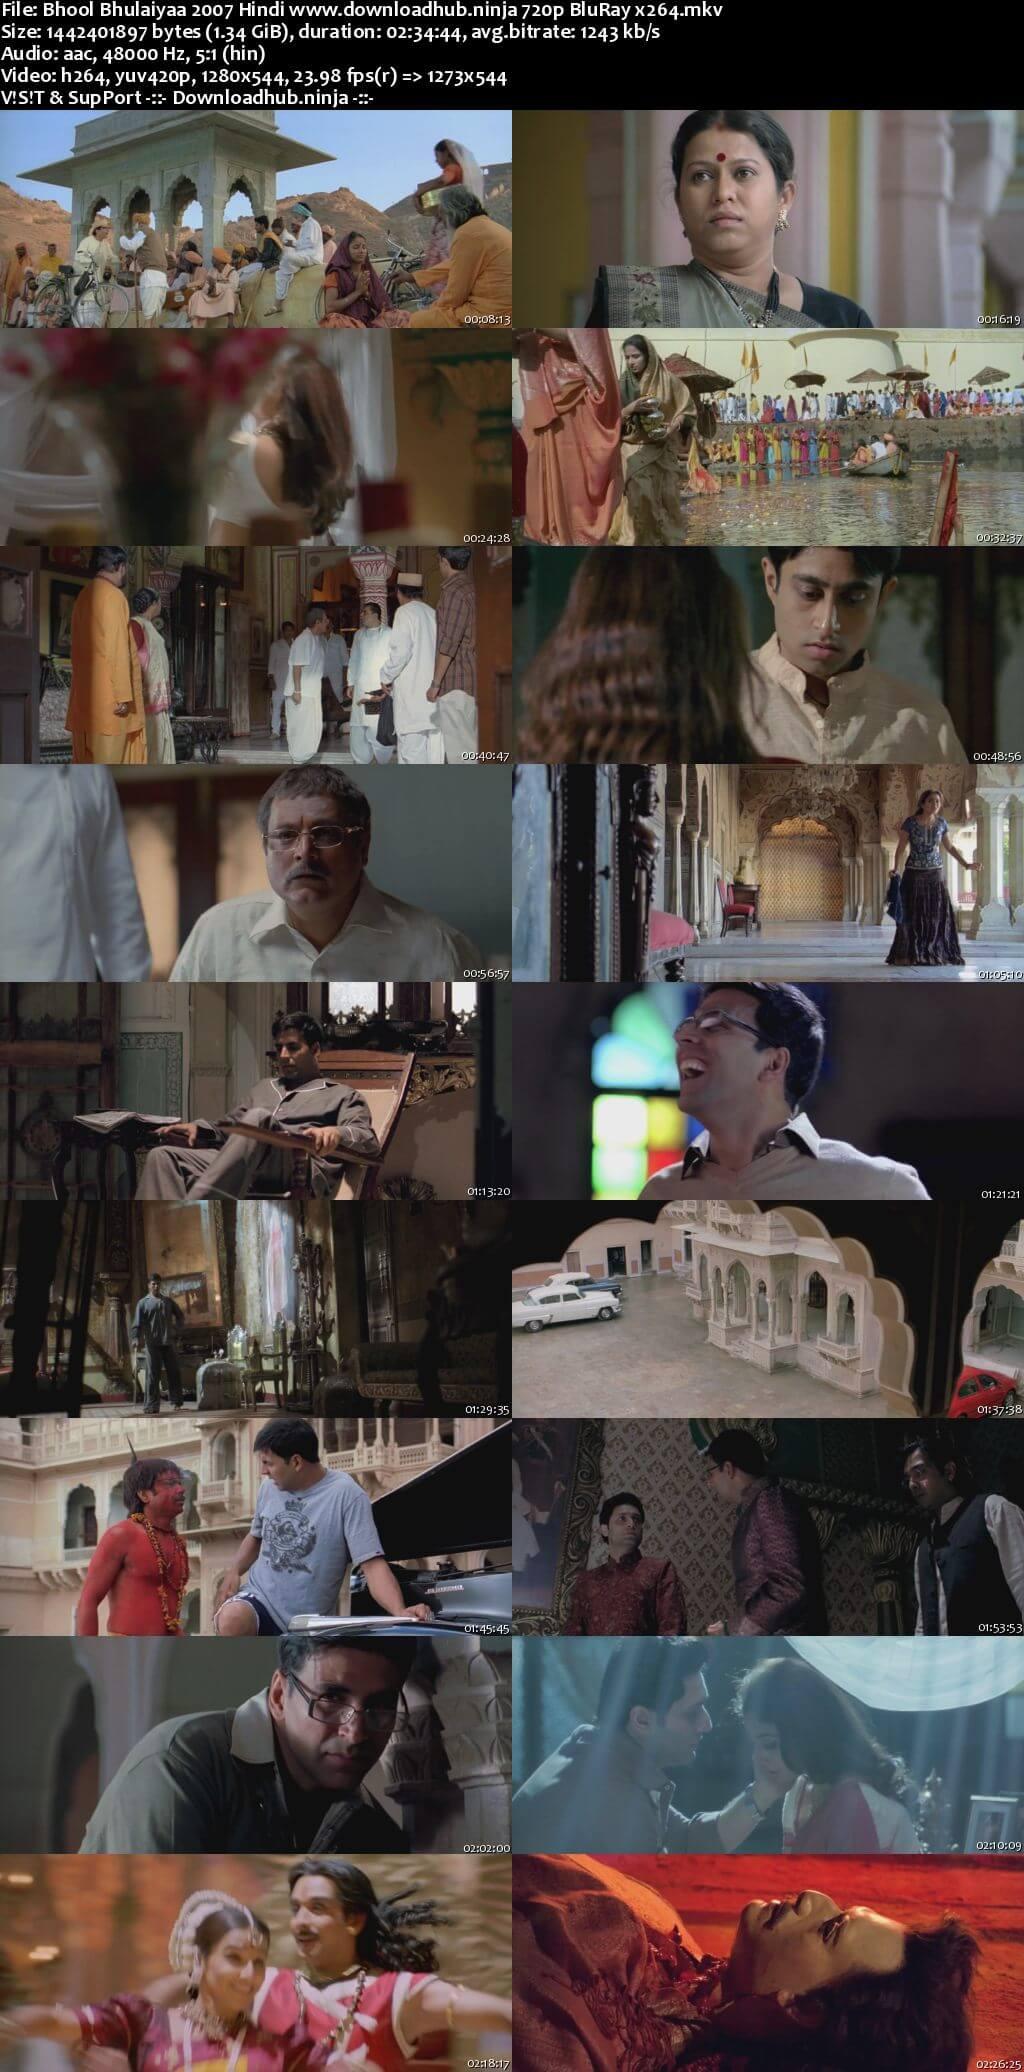 Bhool Bhulaiyaa 2007 Hindi 720p BluRay x264